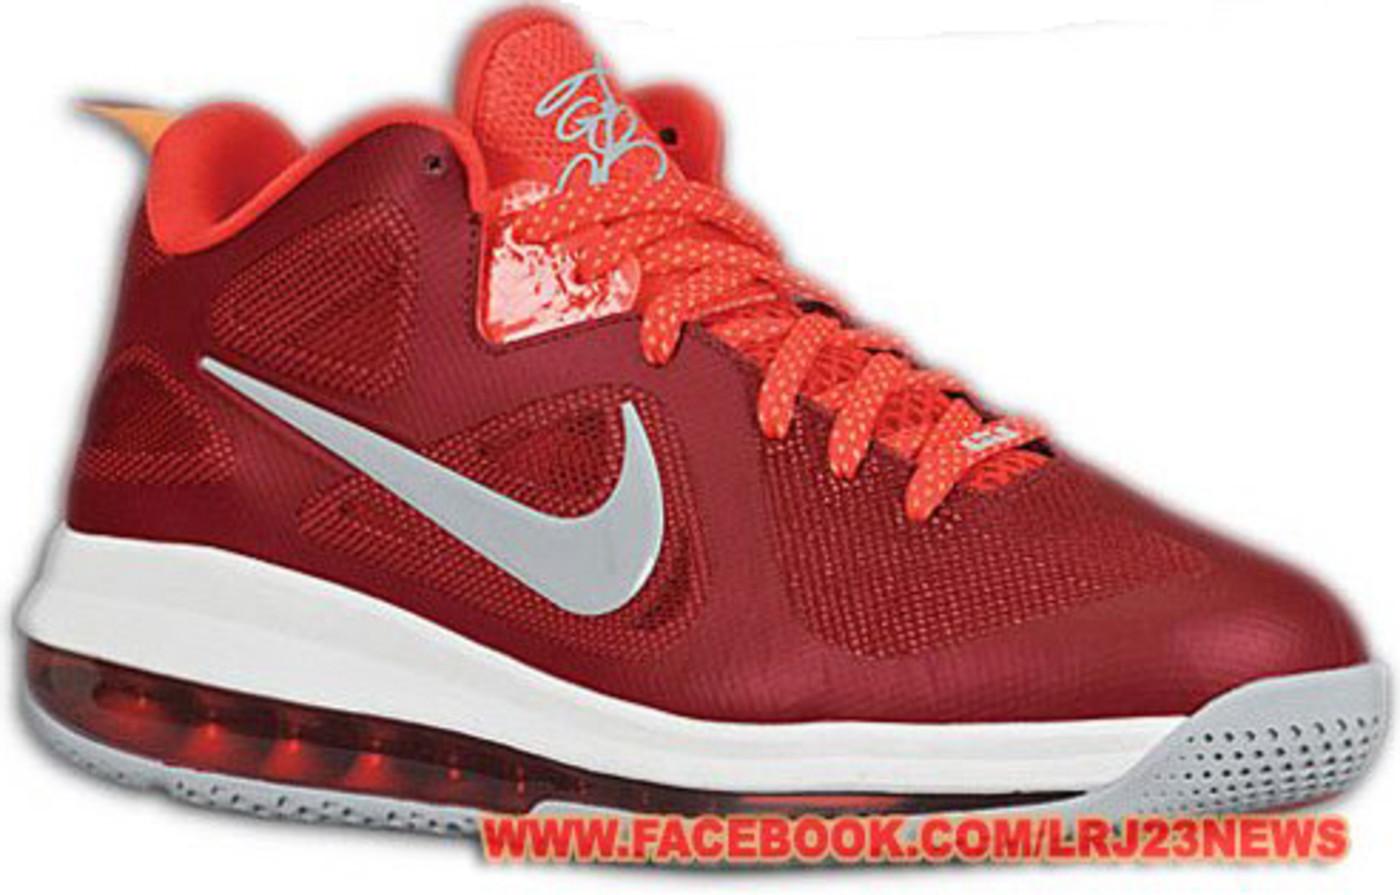 Nike red lebron 9